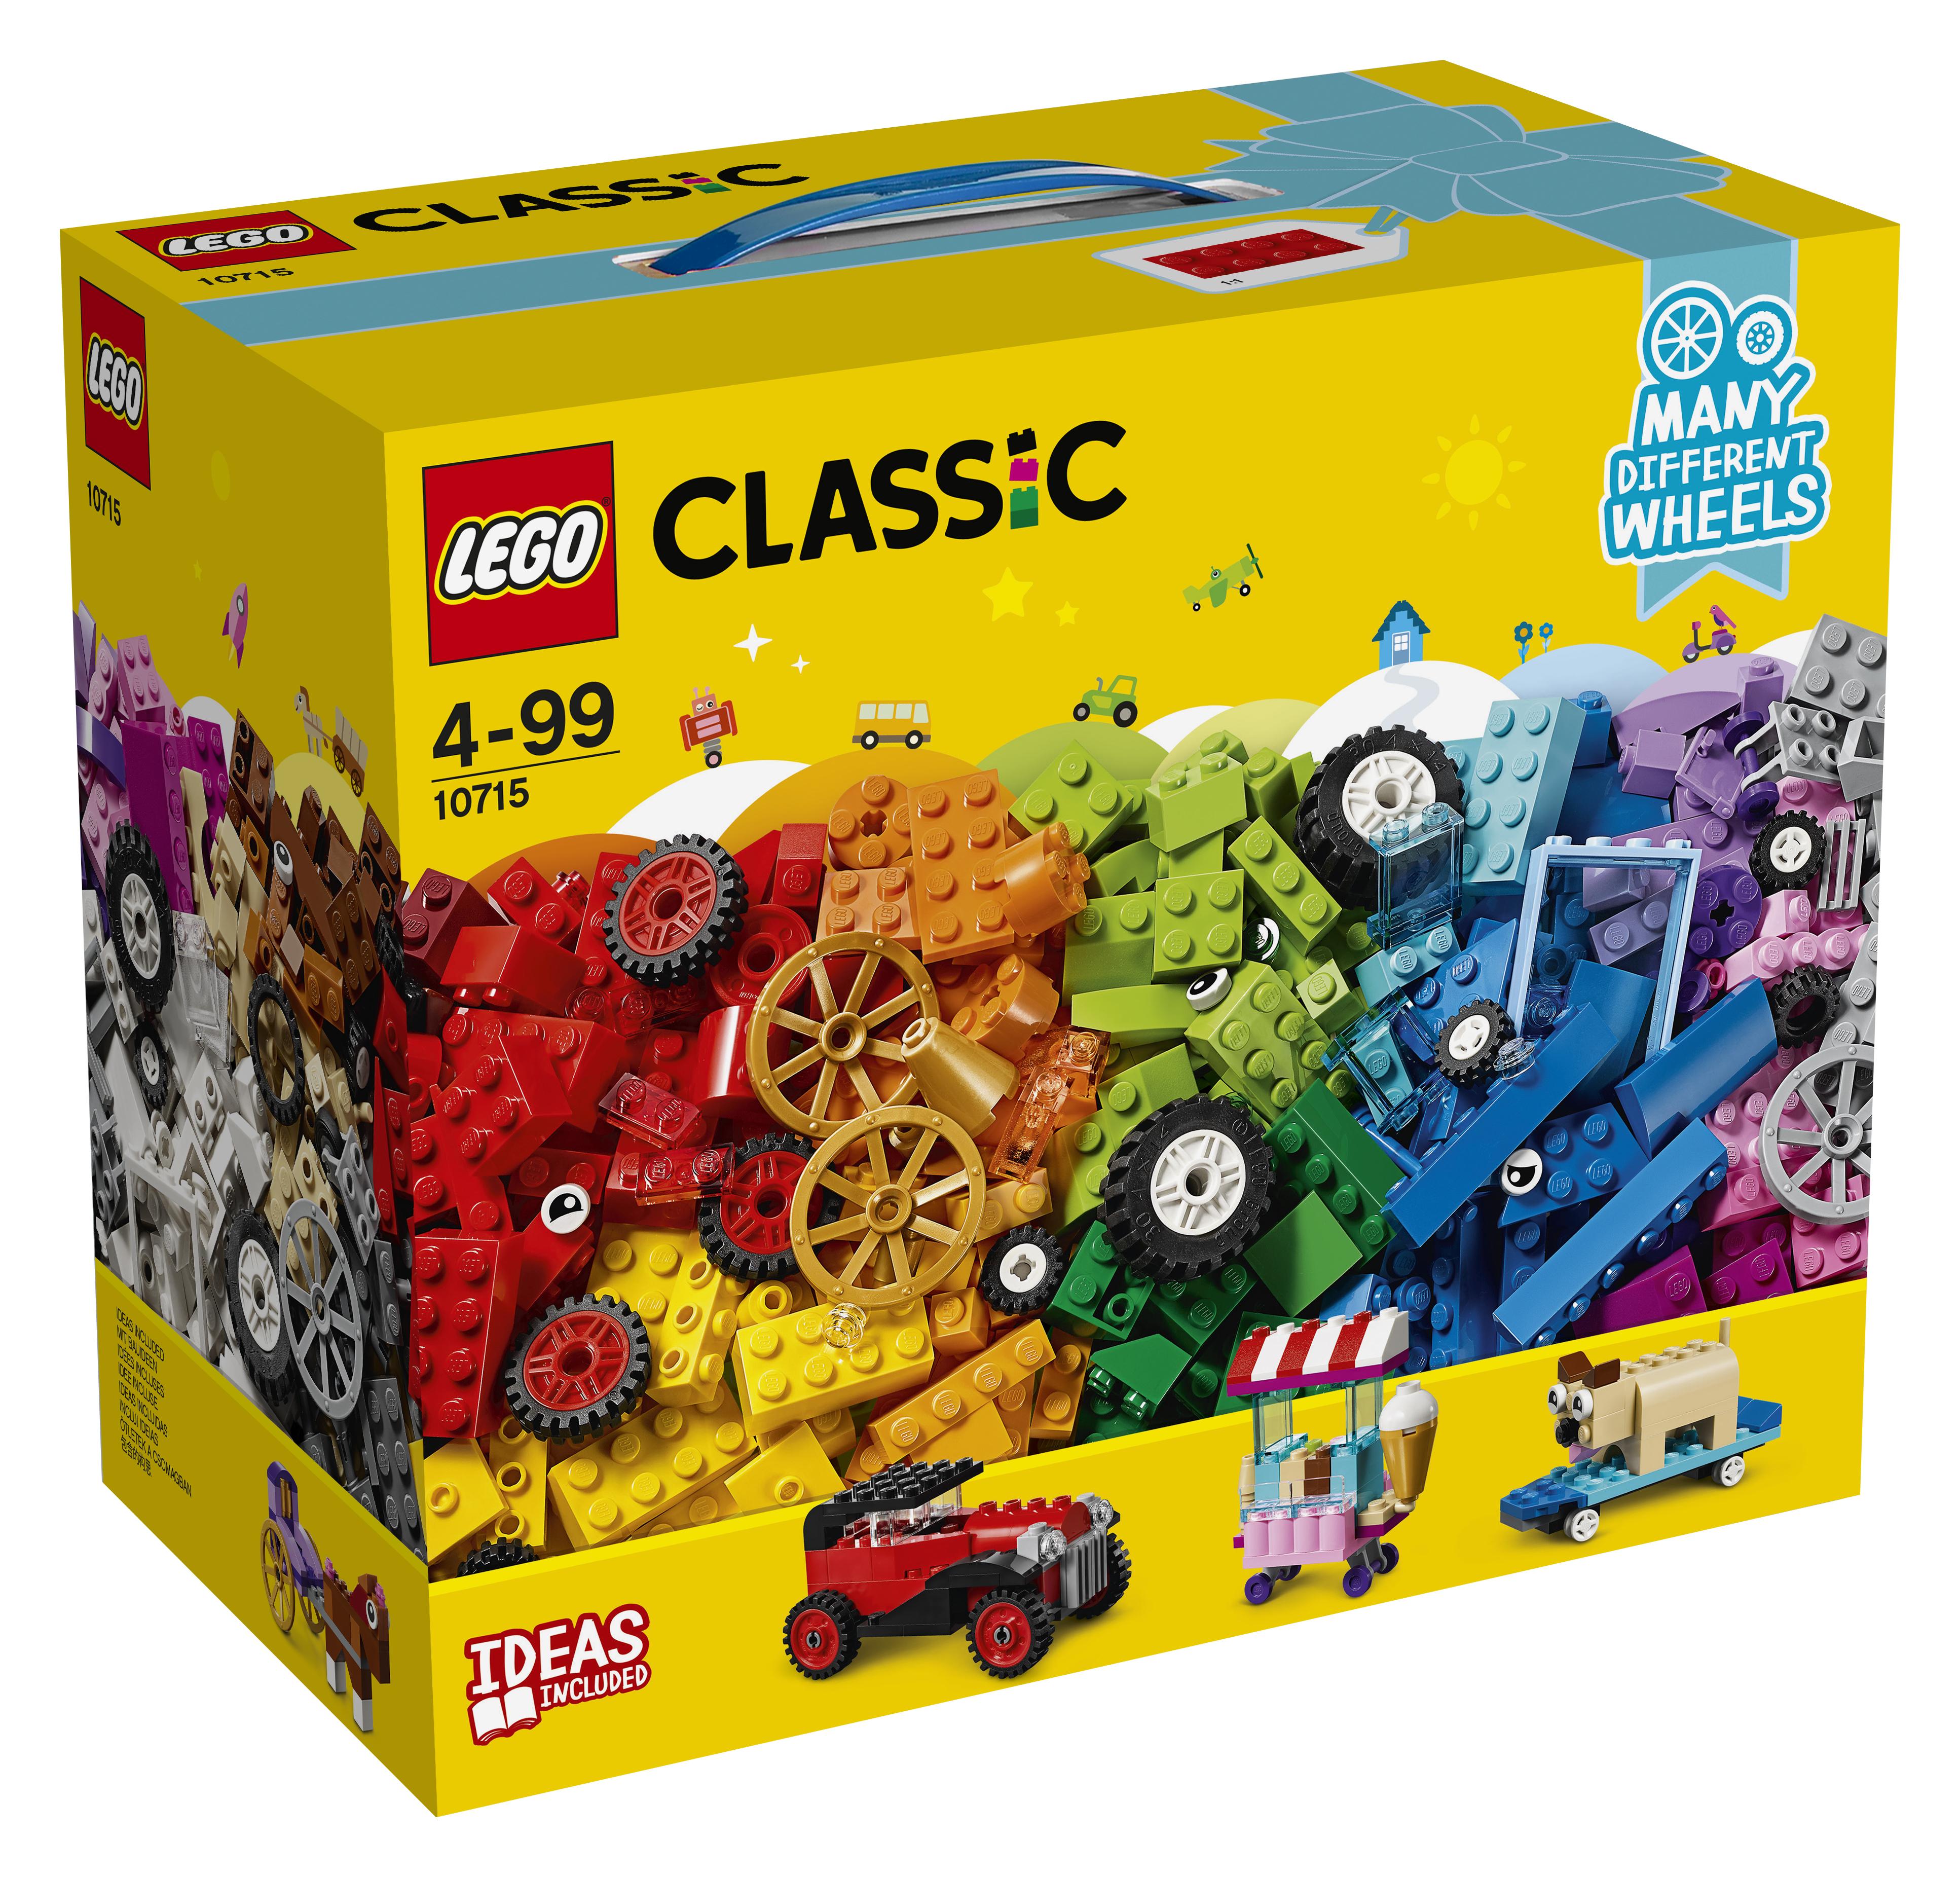 LEGO LEGO Конструктор LEGO Classic 10715 Модели на колёсах